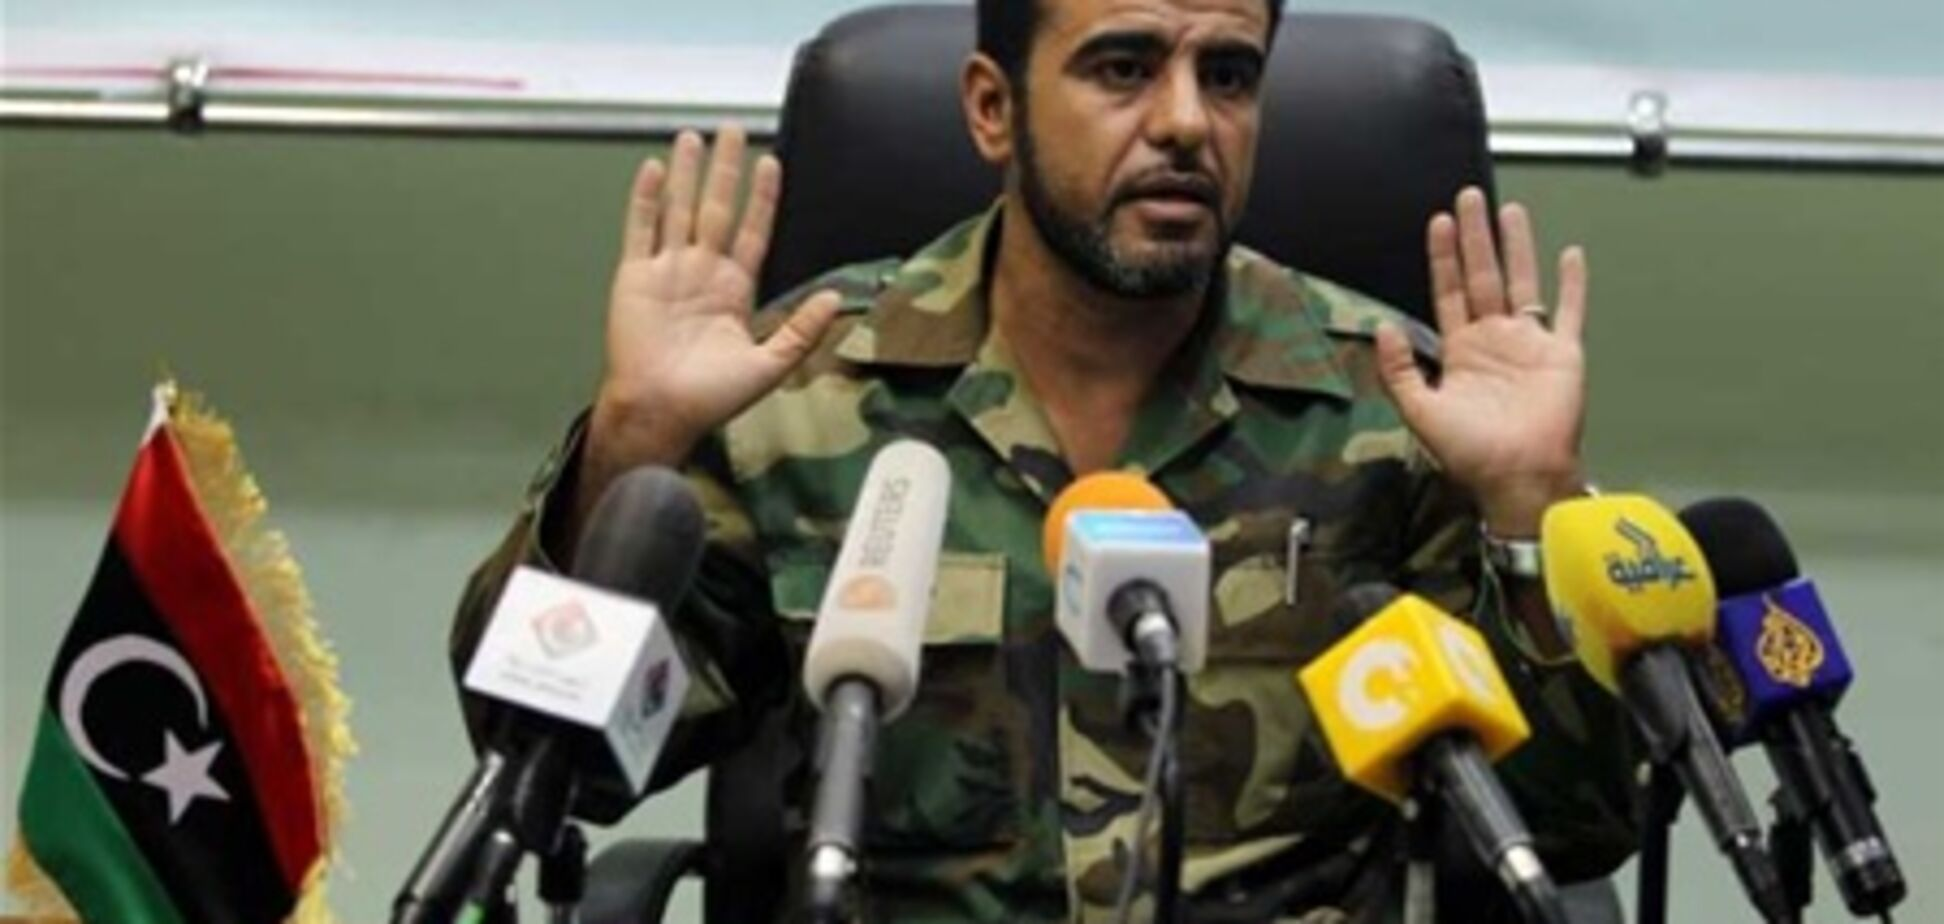 У Лівії заявили про викриття змови прихильників Каддафі